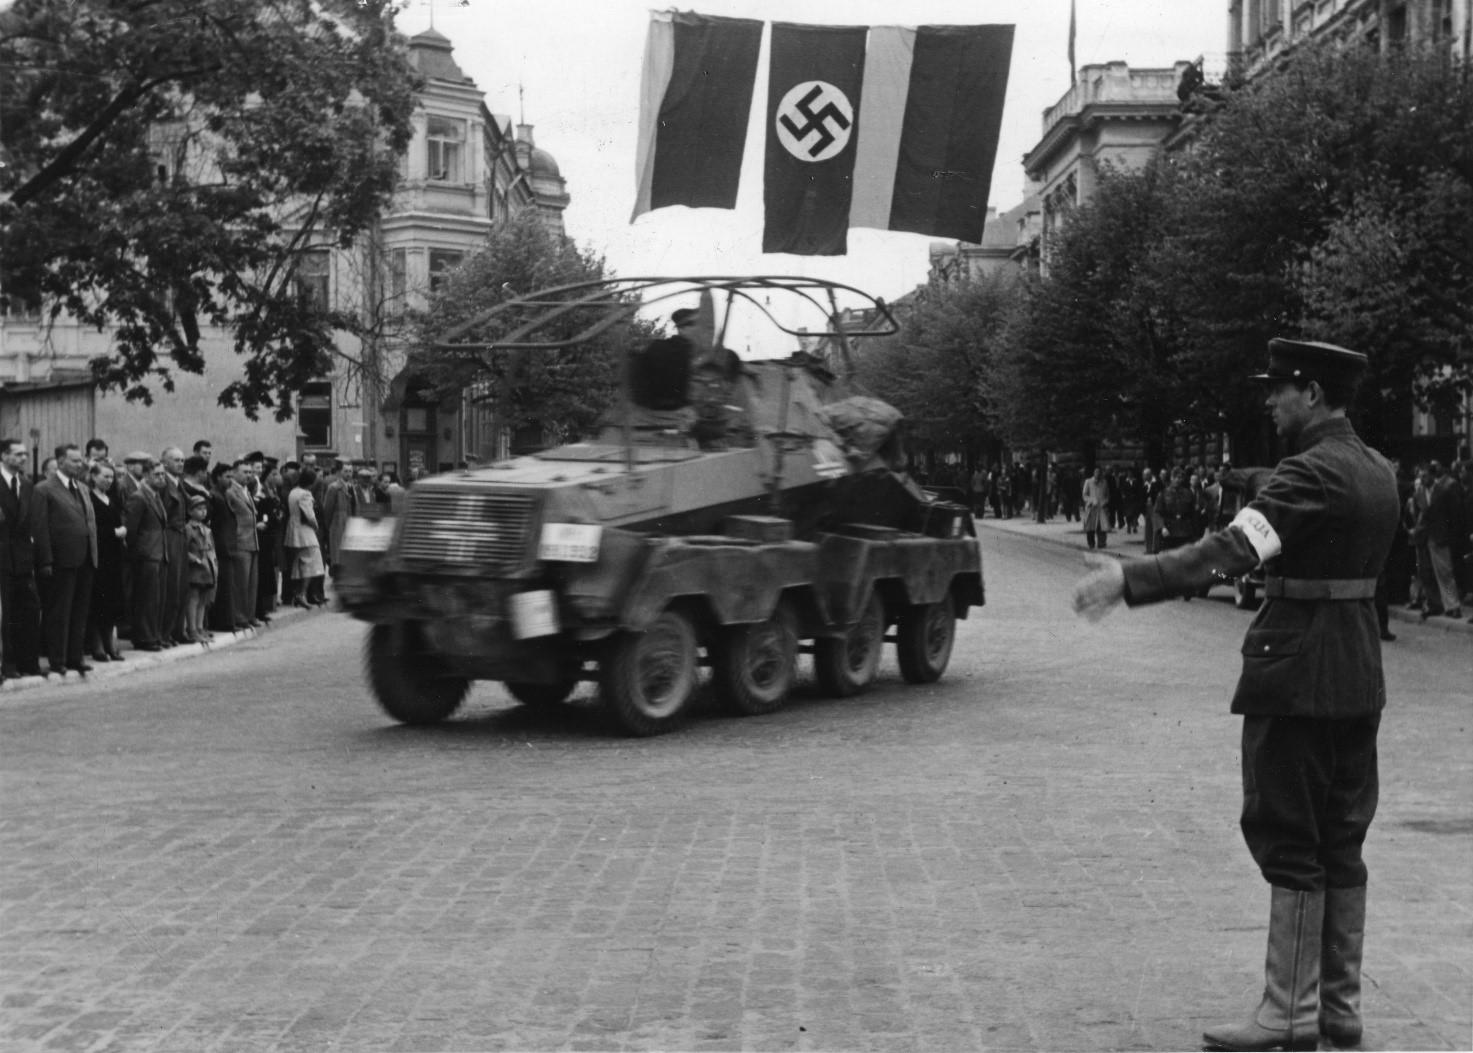 Lietuvis policininkas reguliuoja eismą Gedimino pr. pradžioje 1941 m birželio 24 d. Bundesarchiv nuotrauka.